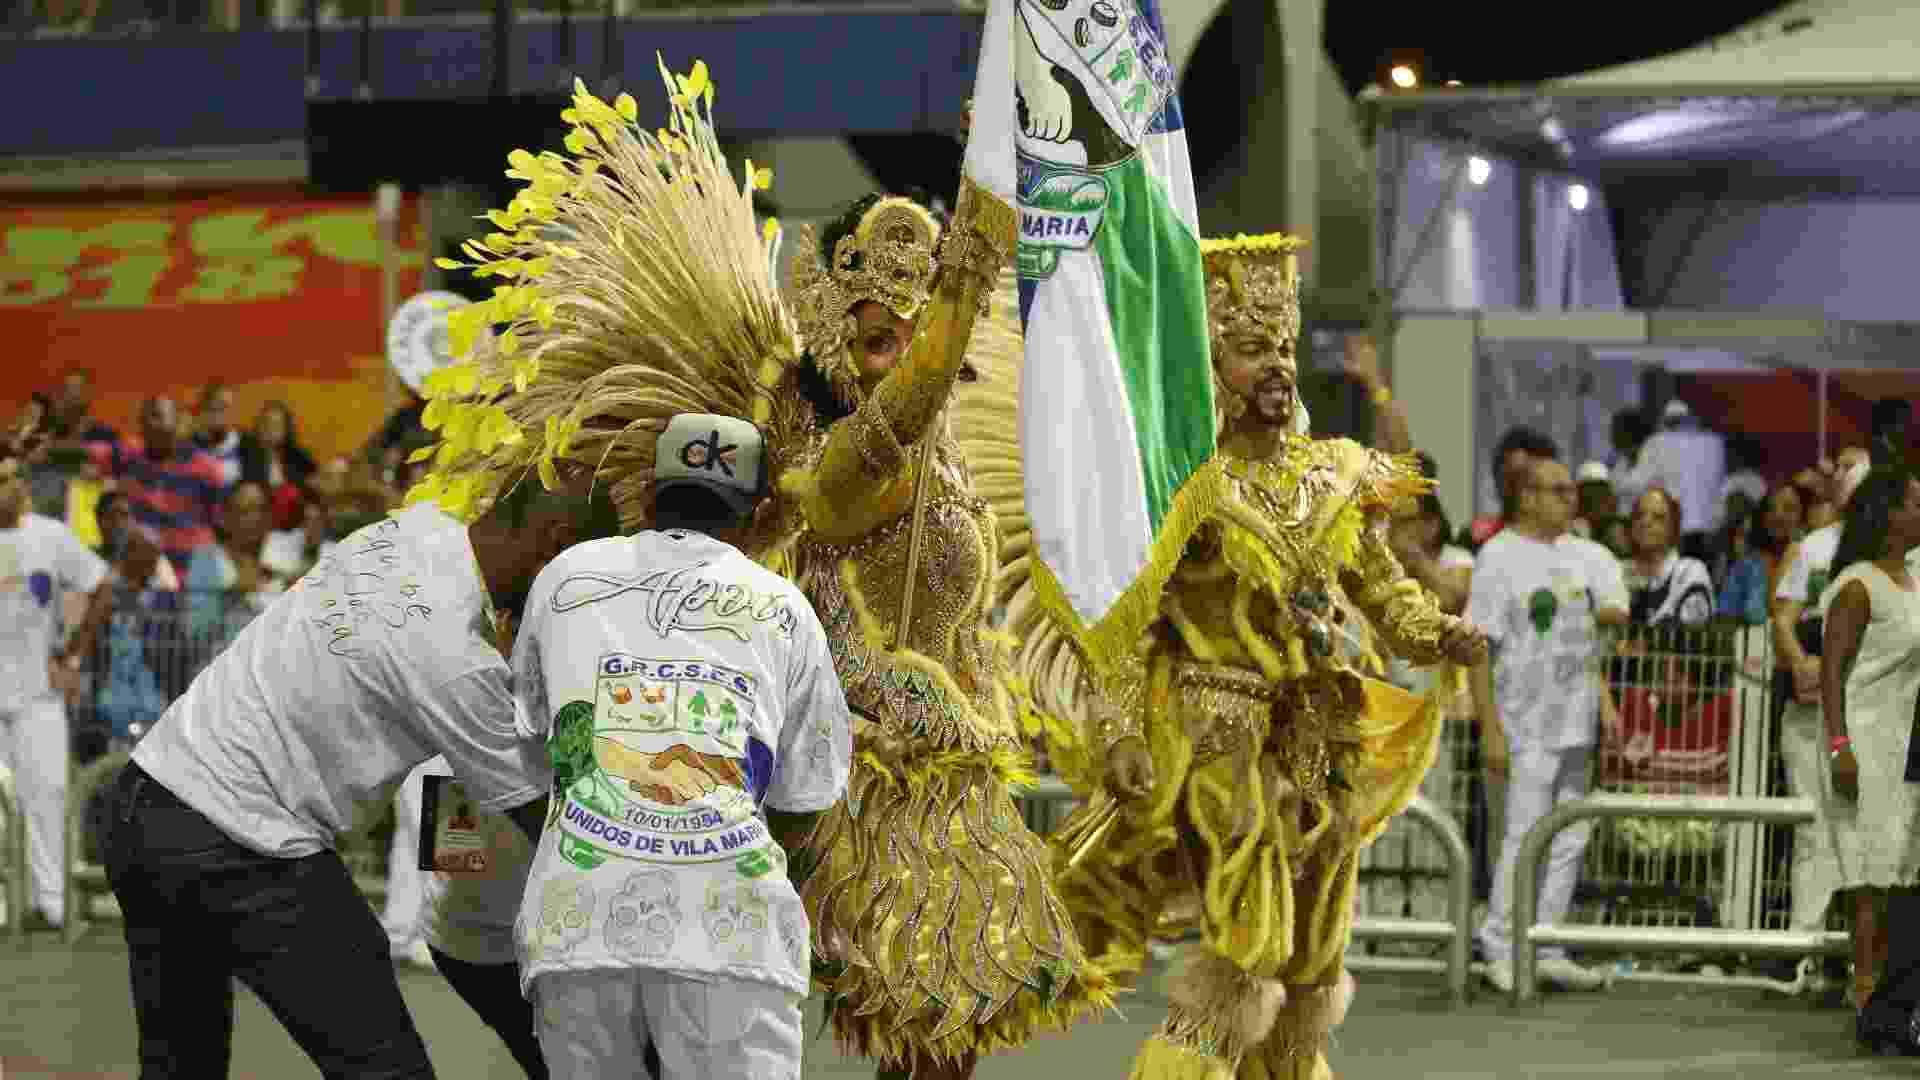 Porta bandeira perde saia durante desfile da Vila Maria - Ricardo Matsukawa/UOL